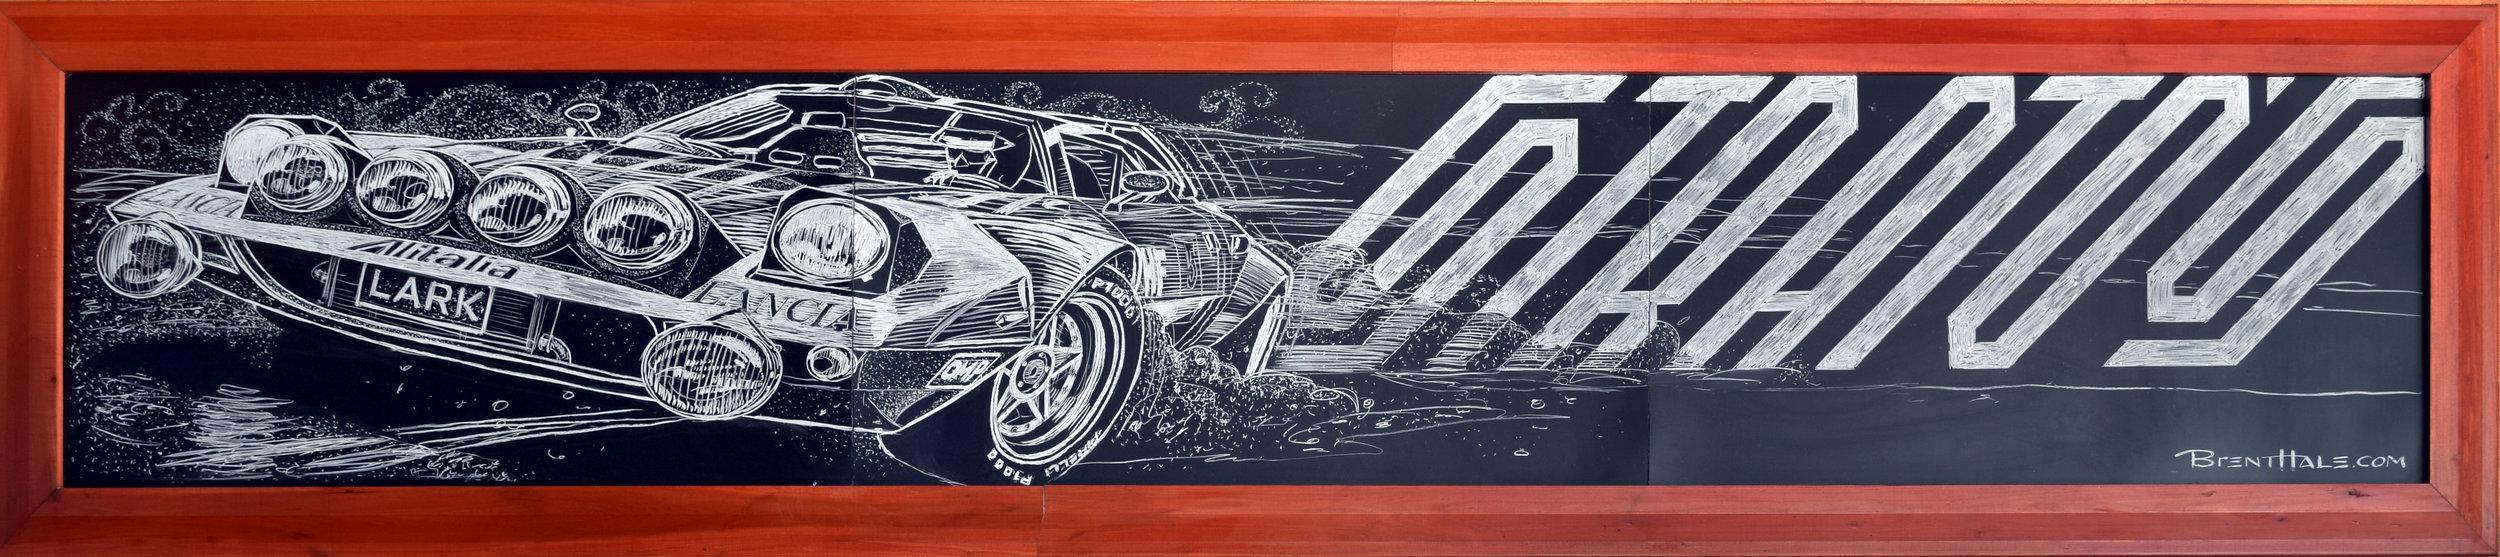 Lark On The Park - Lancia Stratos